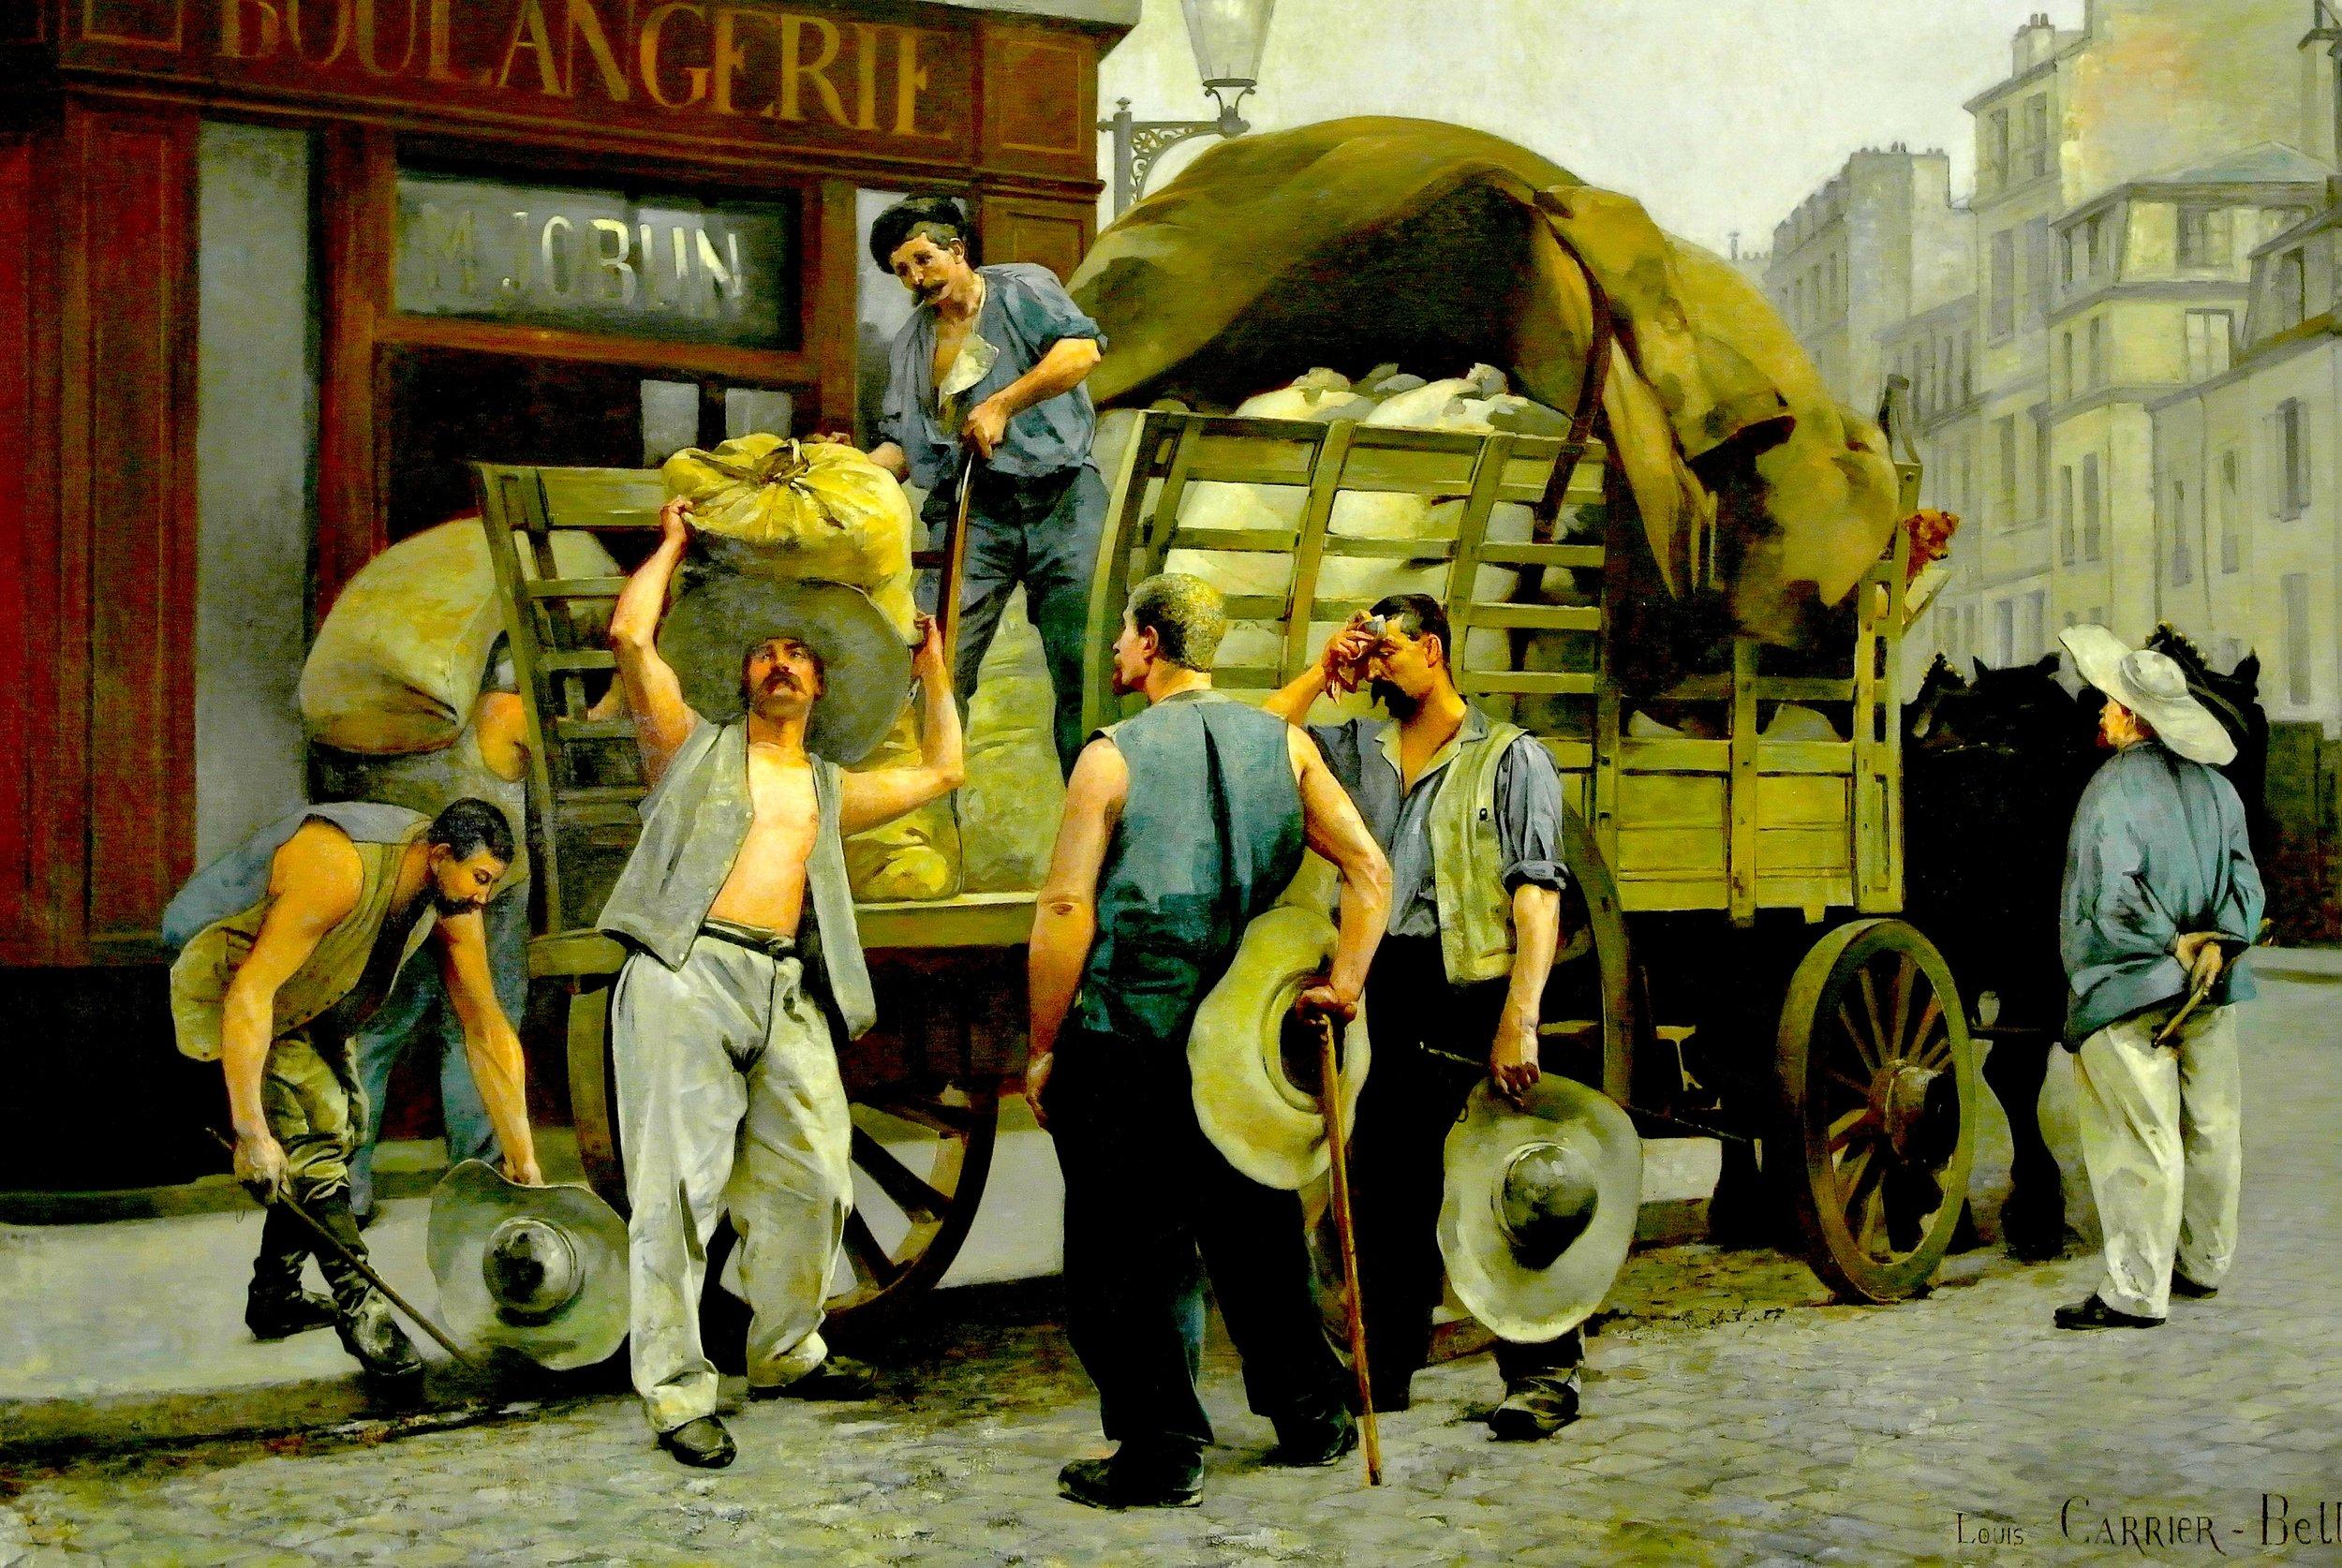 Porteurs de farine, scène parisienne  by Louis-Robert Carrier-Belleuse, 1885